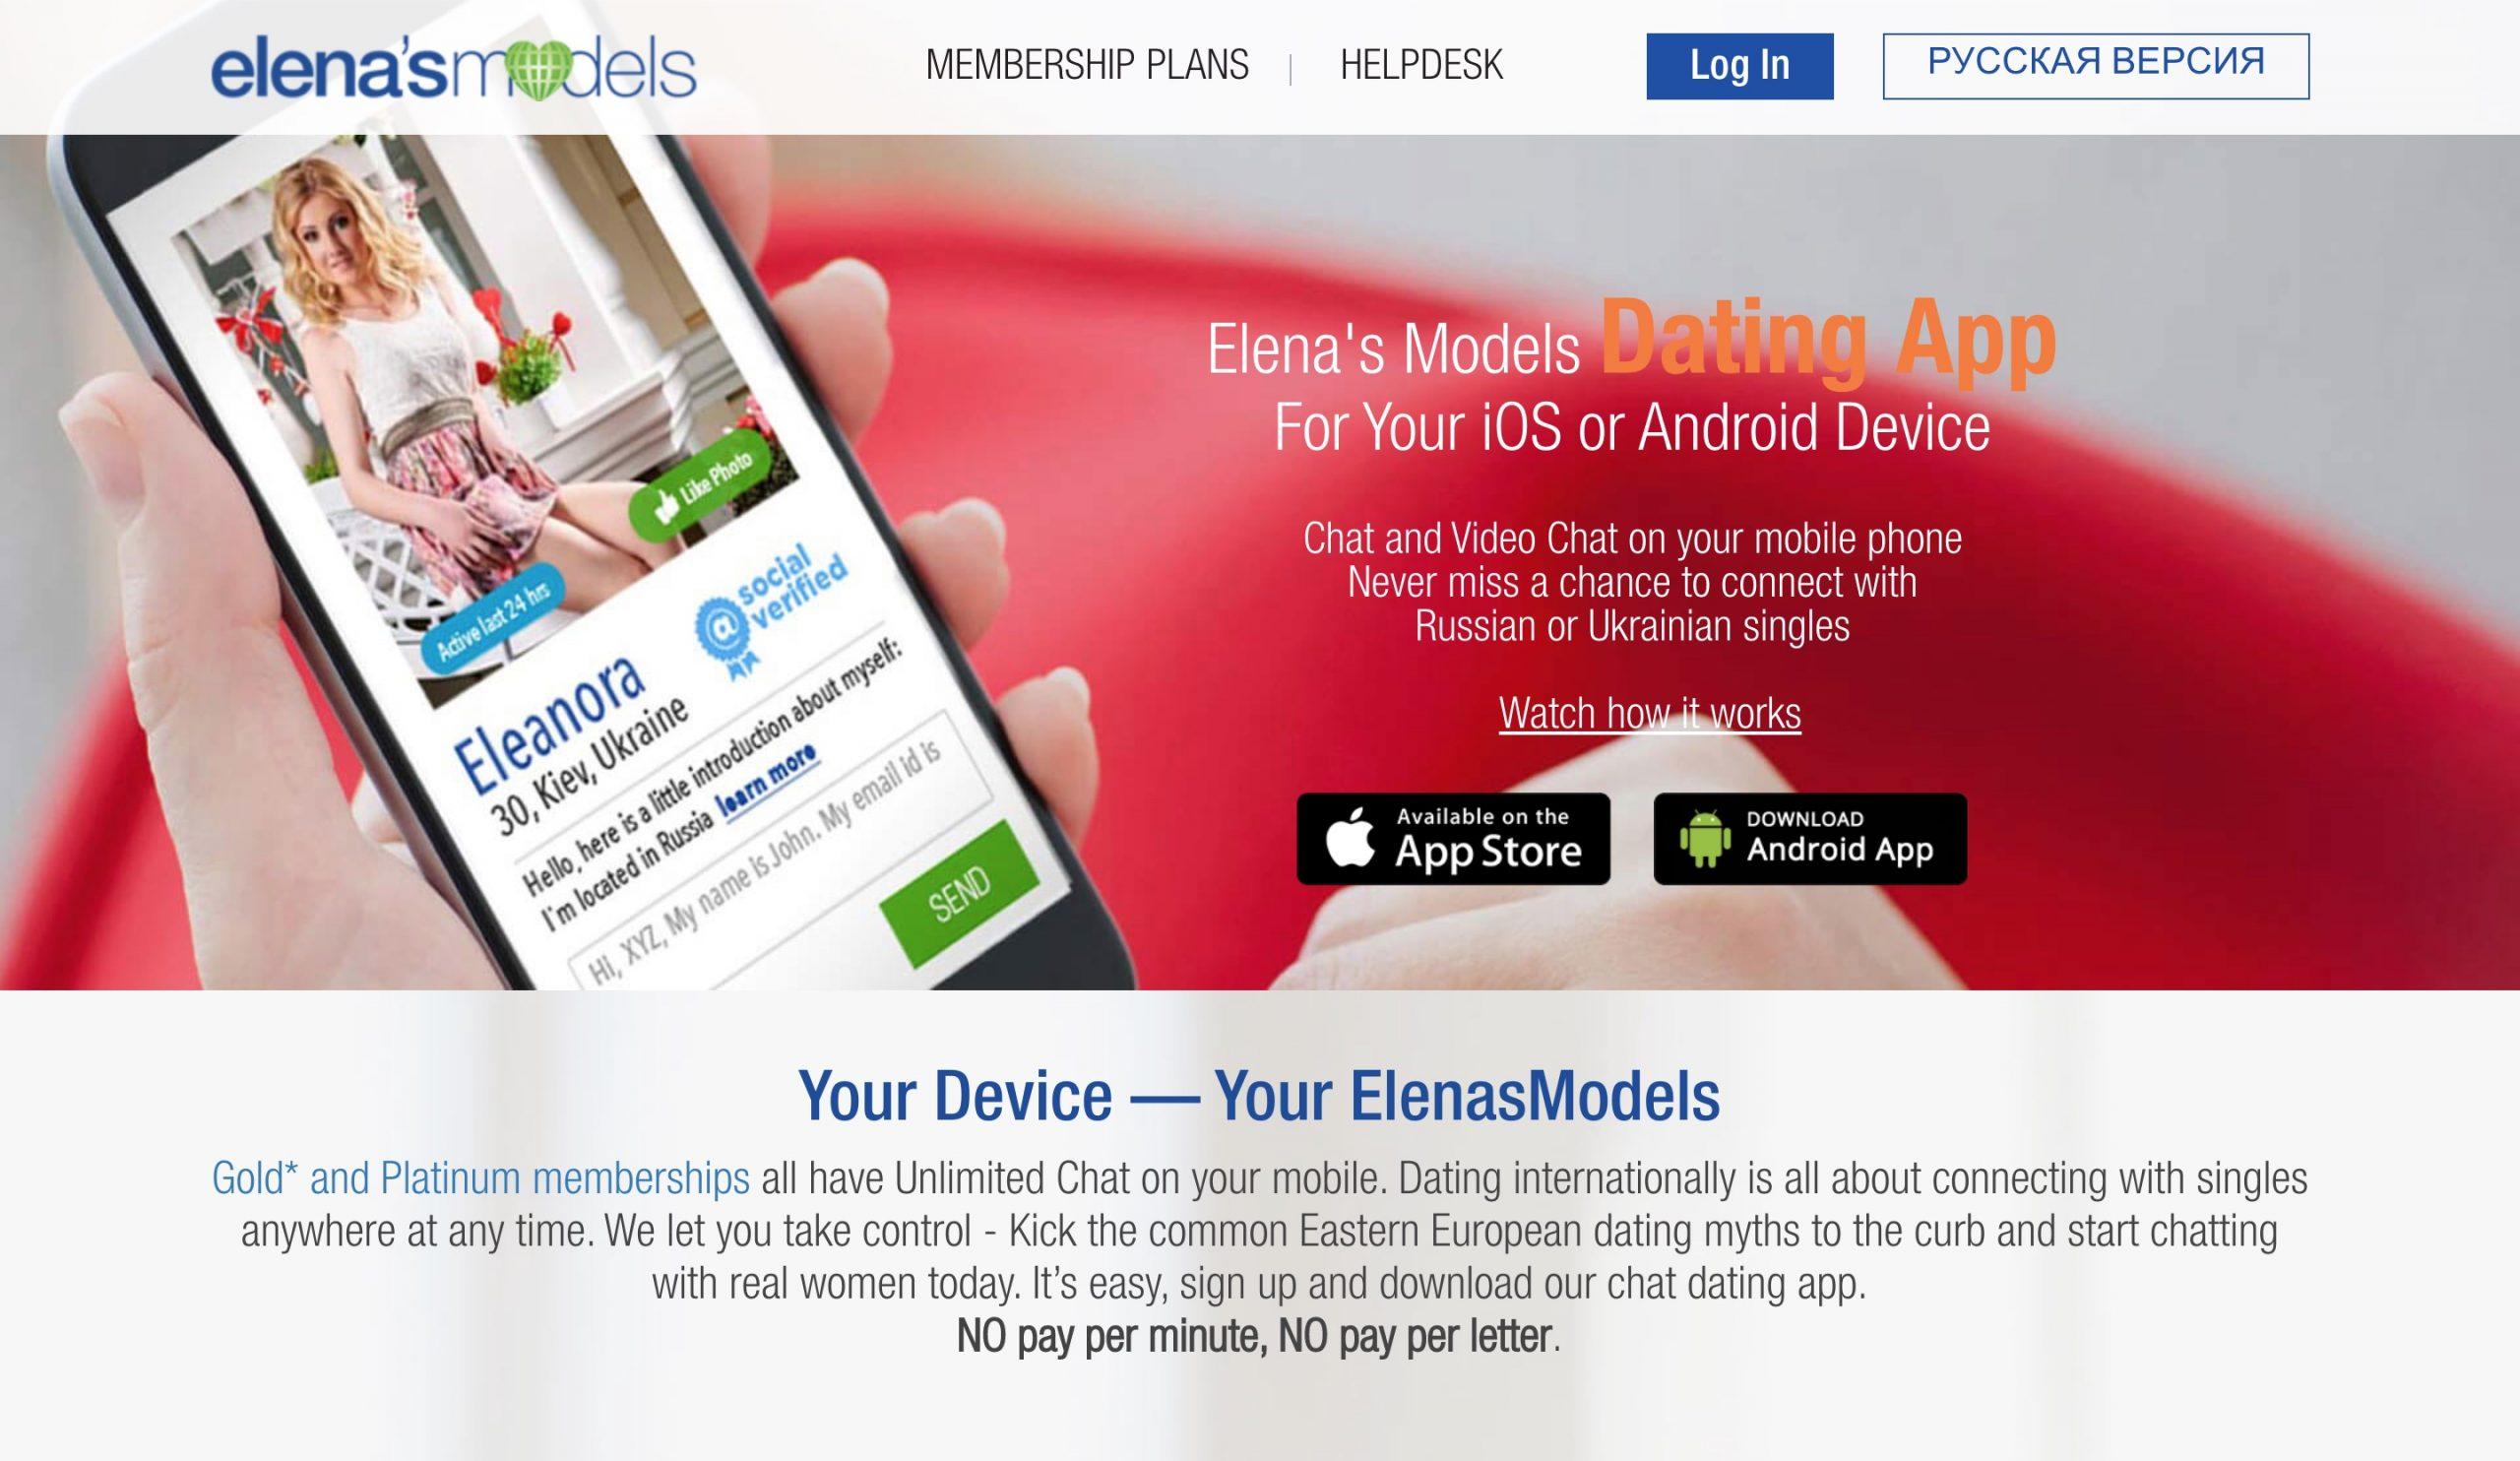 Elenas Models app